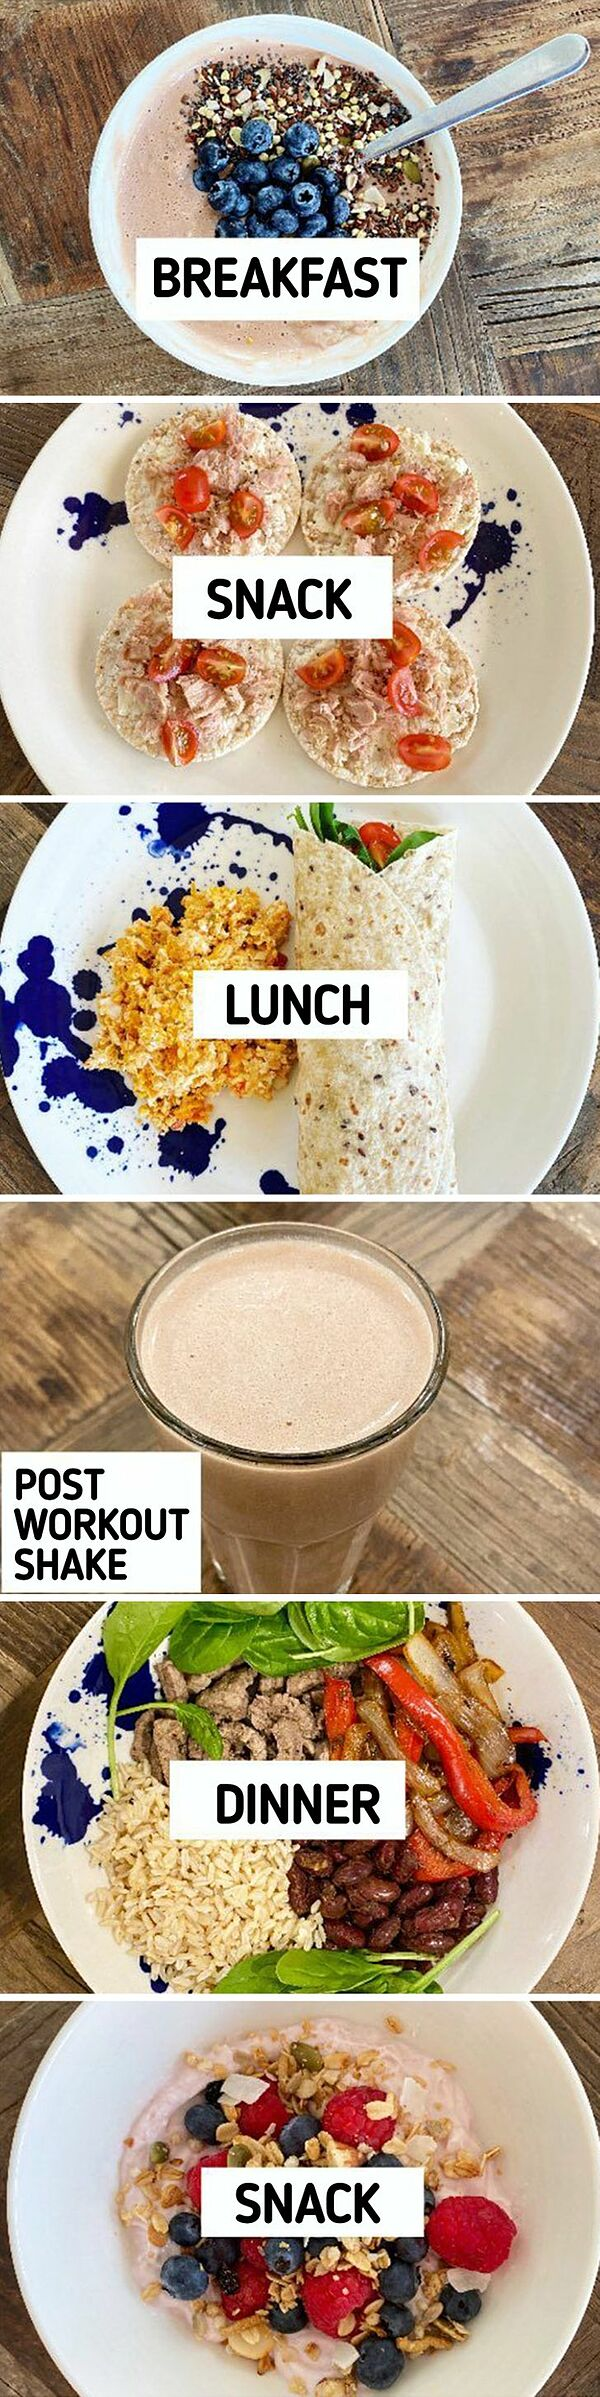 Shelley ăn 6 bữa nhỏ mỗi ngày thay vì 3 bữa lớn.